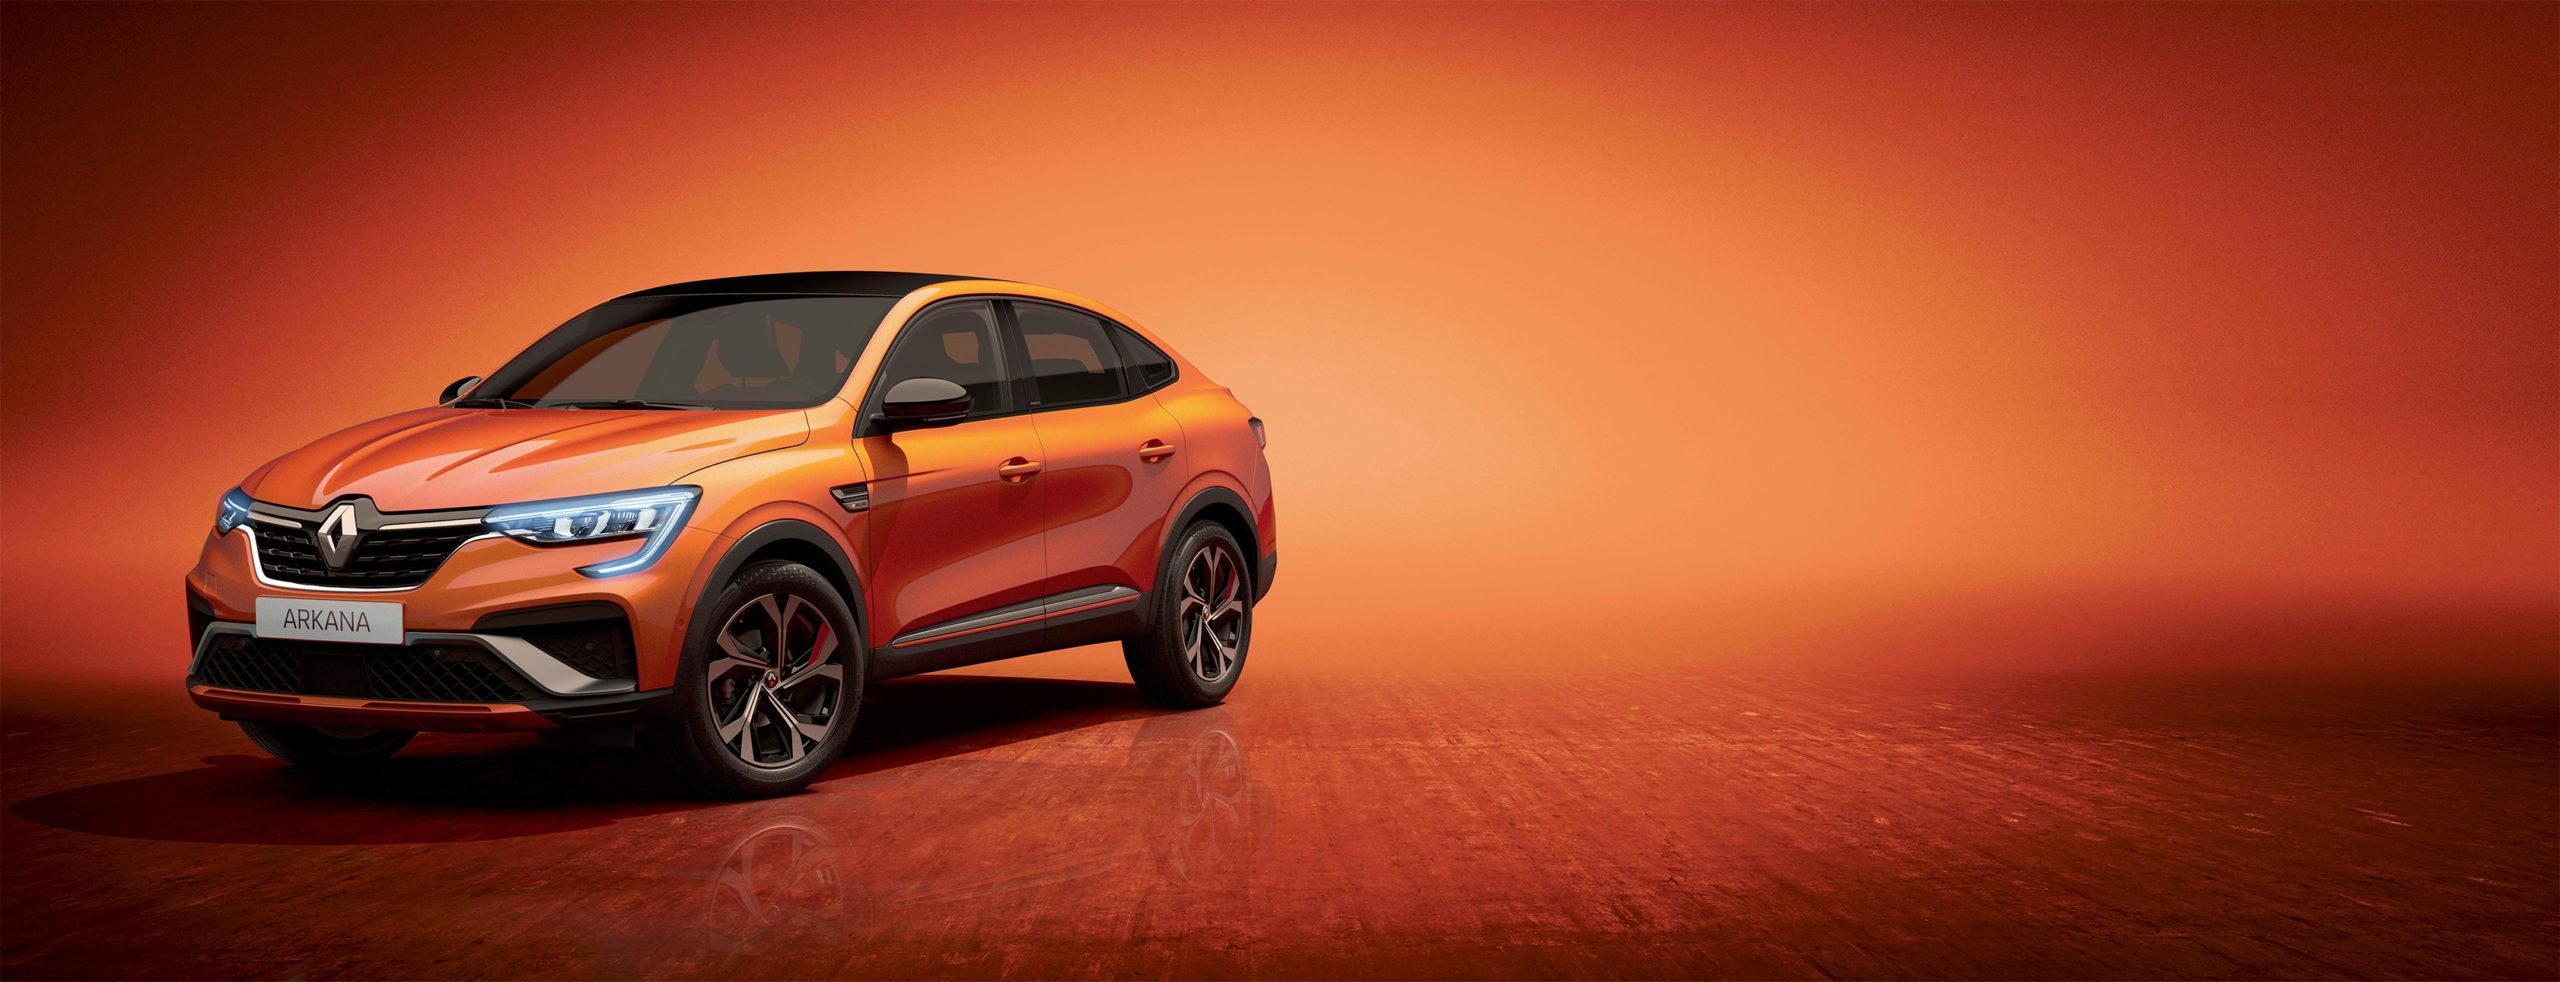 Renault Arkana el nuevo SUV Coupé